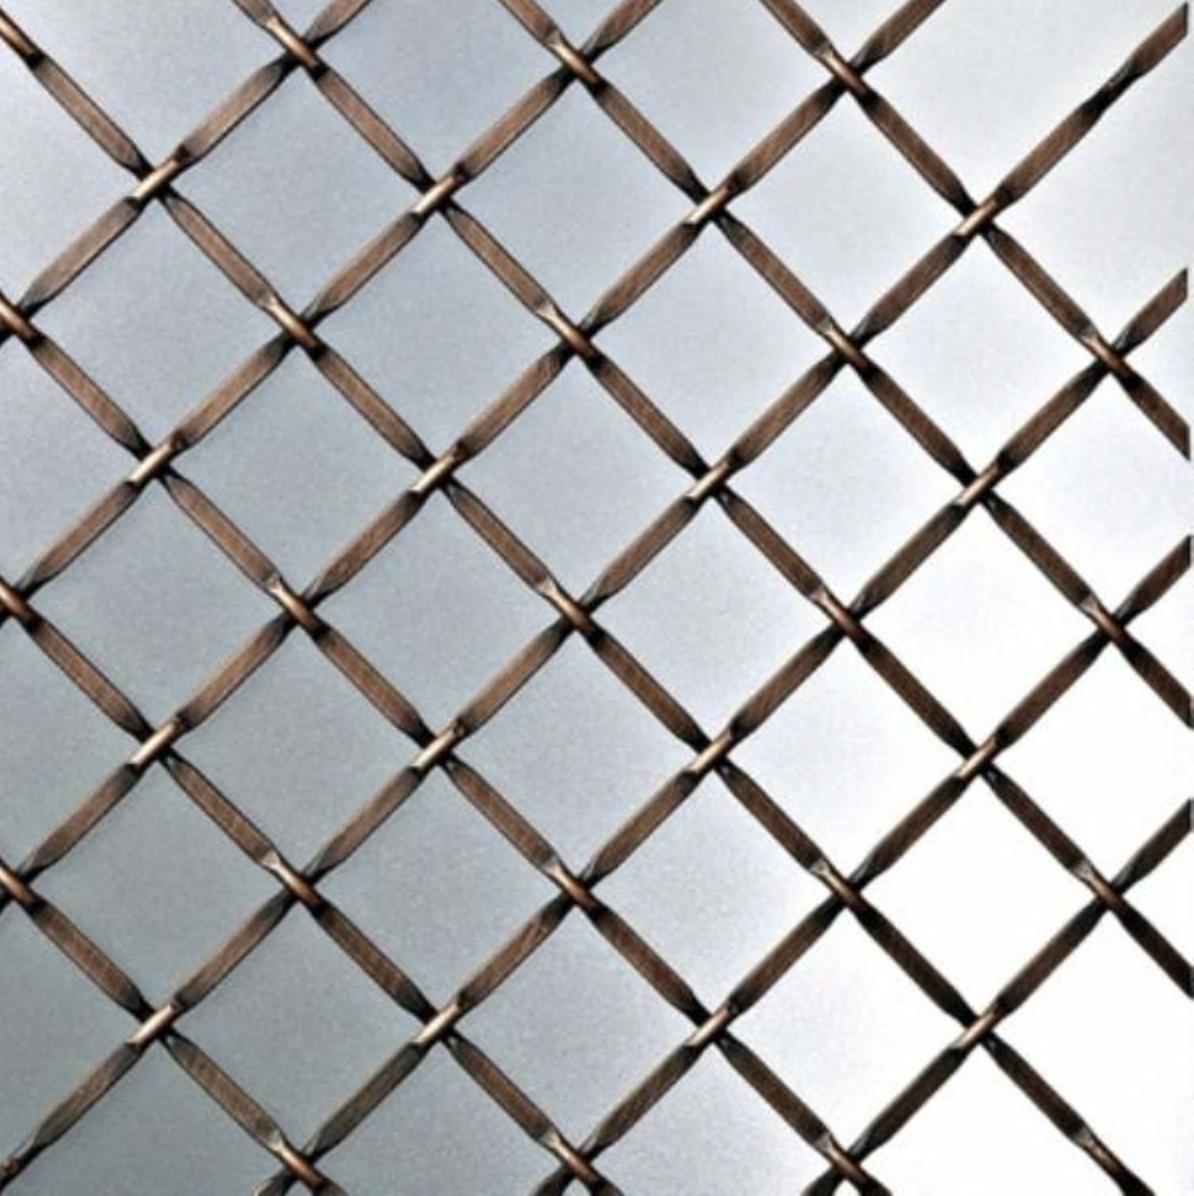 Chicken Wire Mesh | Tavern Renovation - Phase 2 | Pinterest | Wire ...